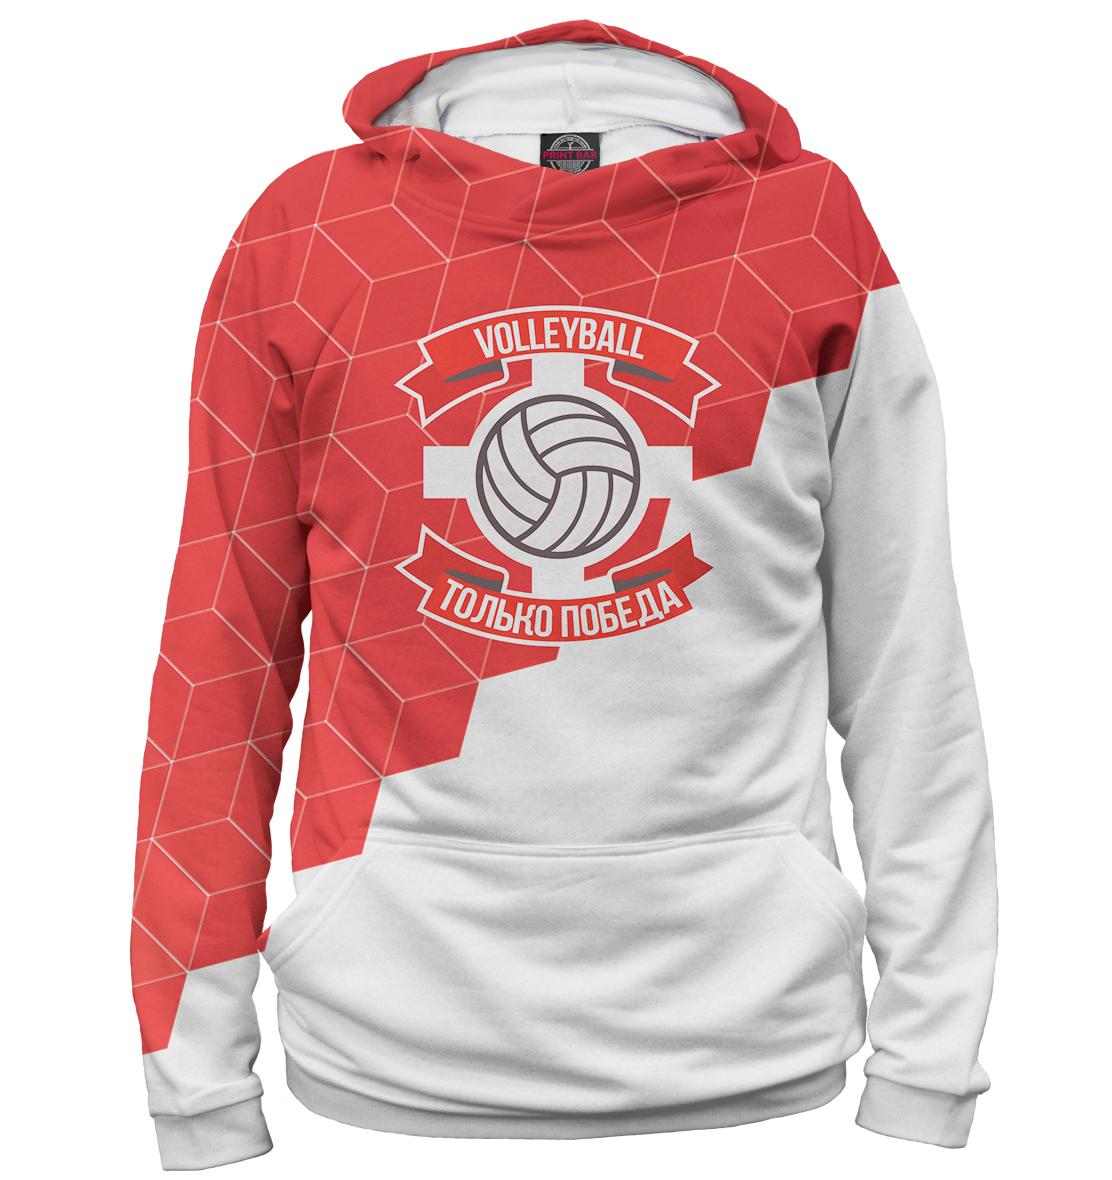 Купить Волейбол — только победа, Printbar, Худи, VLB-989973-hud-2